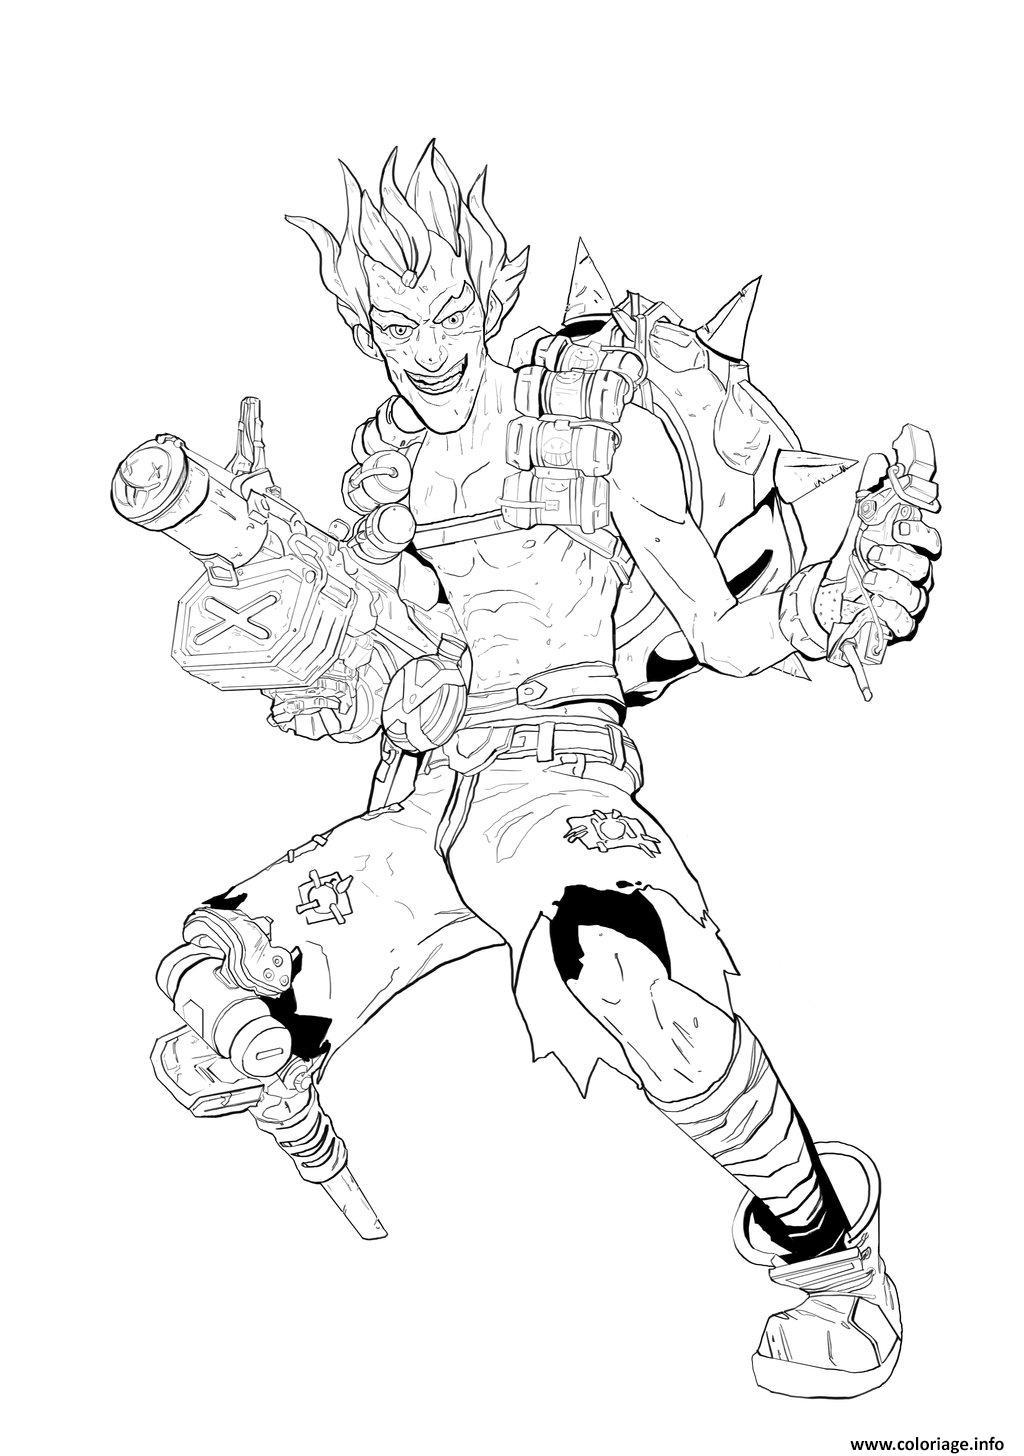 Dessin overwatch chacal heros de defense Coloriage Gratuit à Imprimer